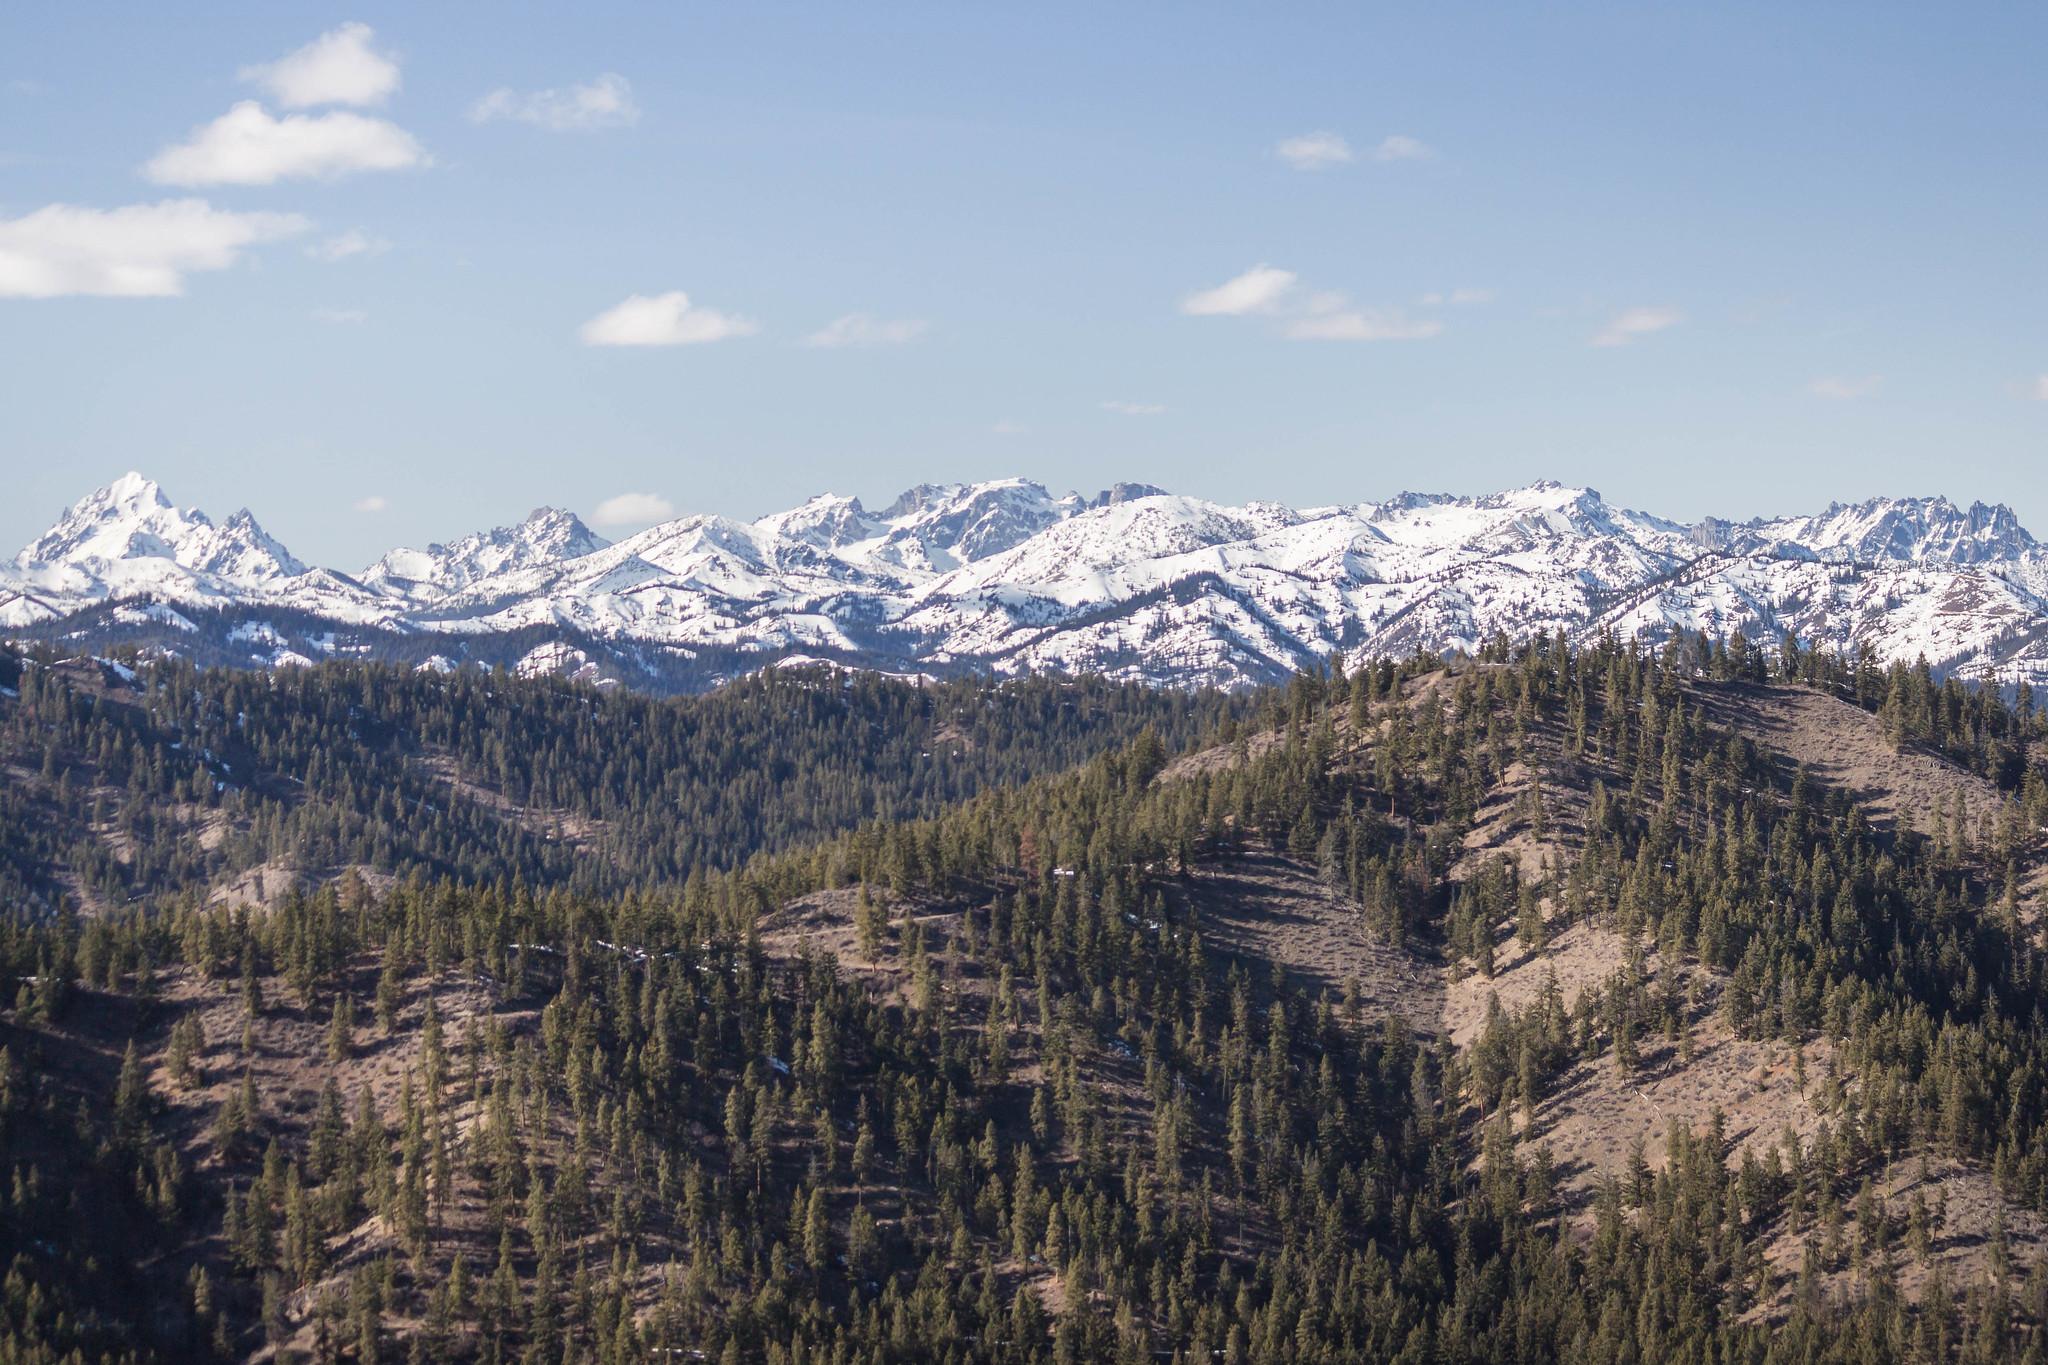 Stuart Range plus Teanaway peaks